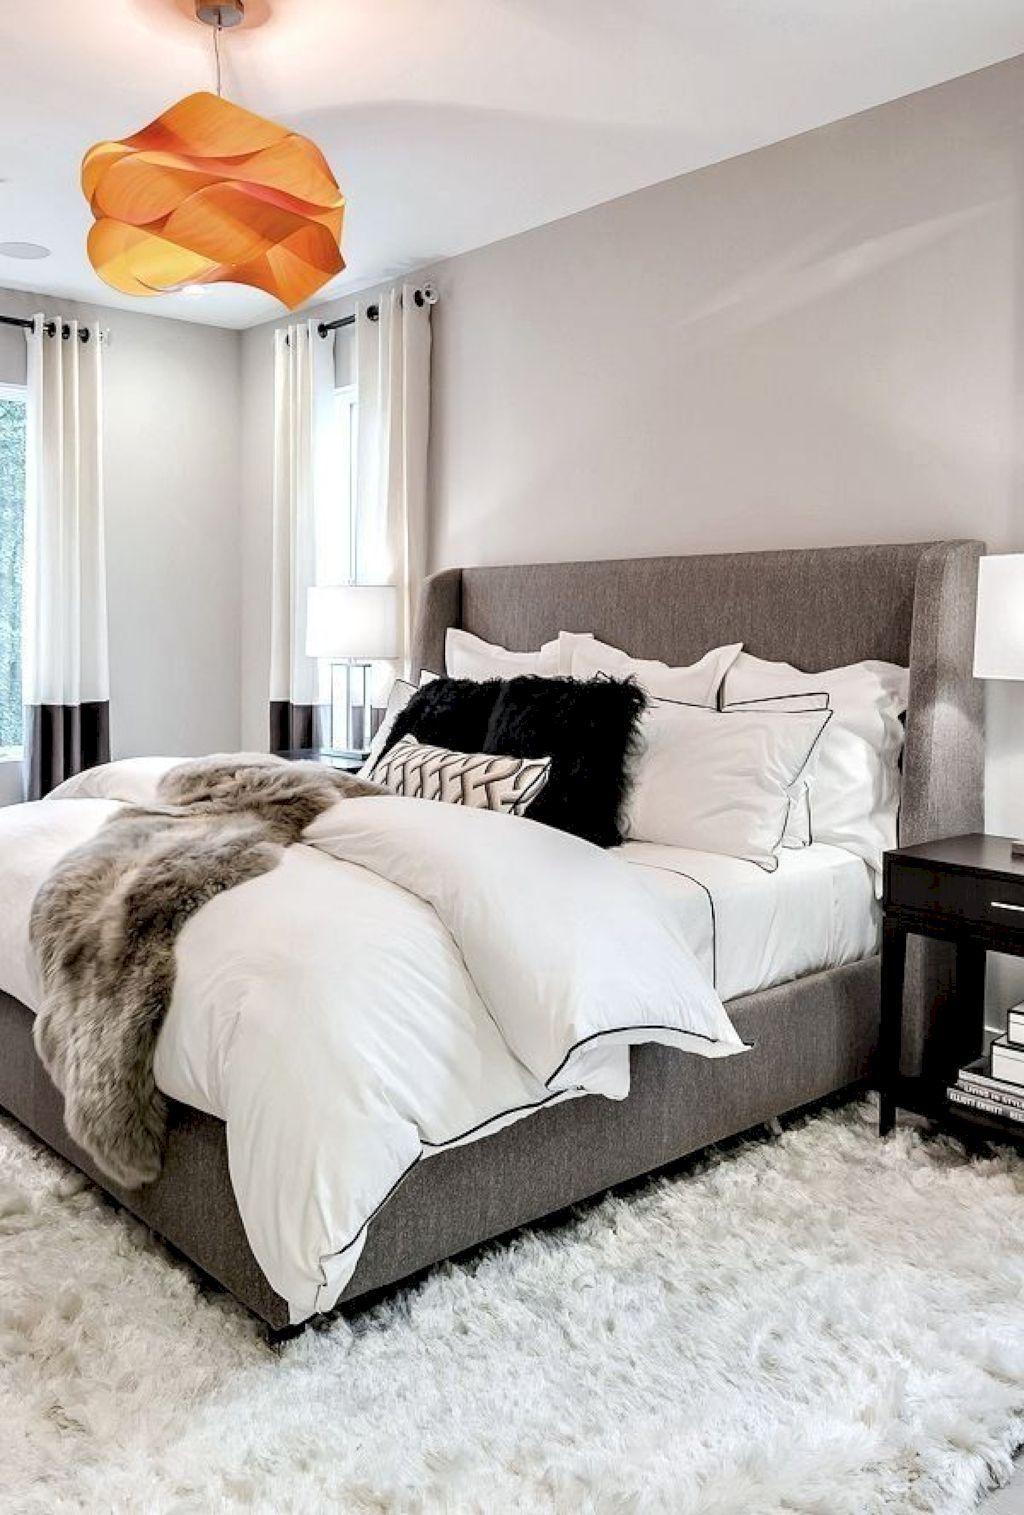 Adorable 70 Cozy Apartment Bedroom Ideas Apartment Bedroom Cozy Ideas Remodel Bedroom Cozy Master Bedroom Bedroom Design